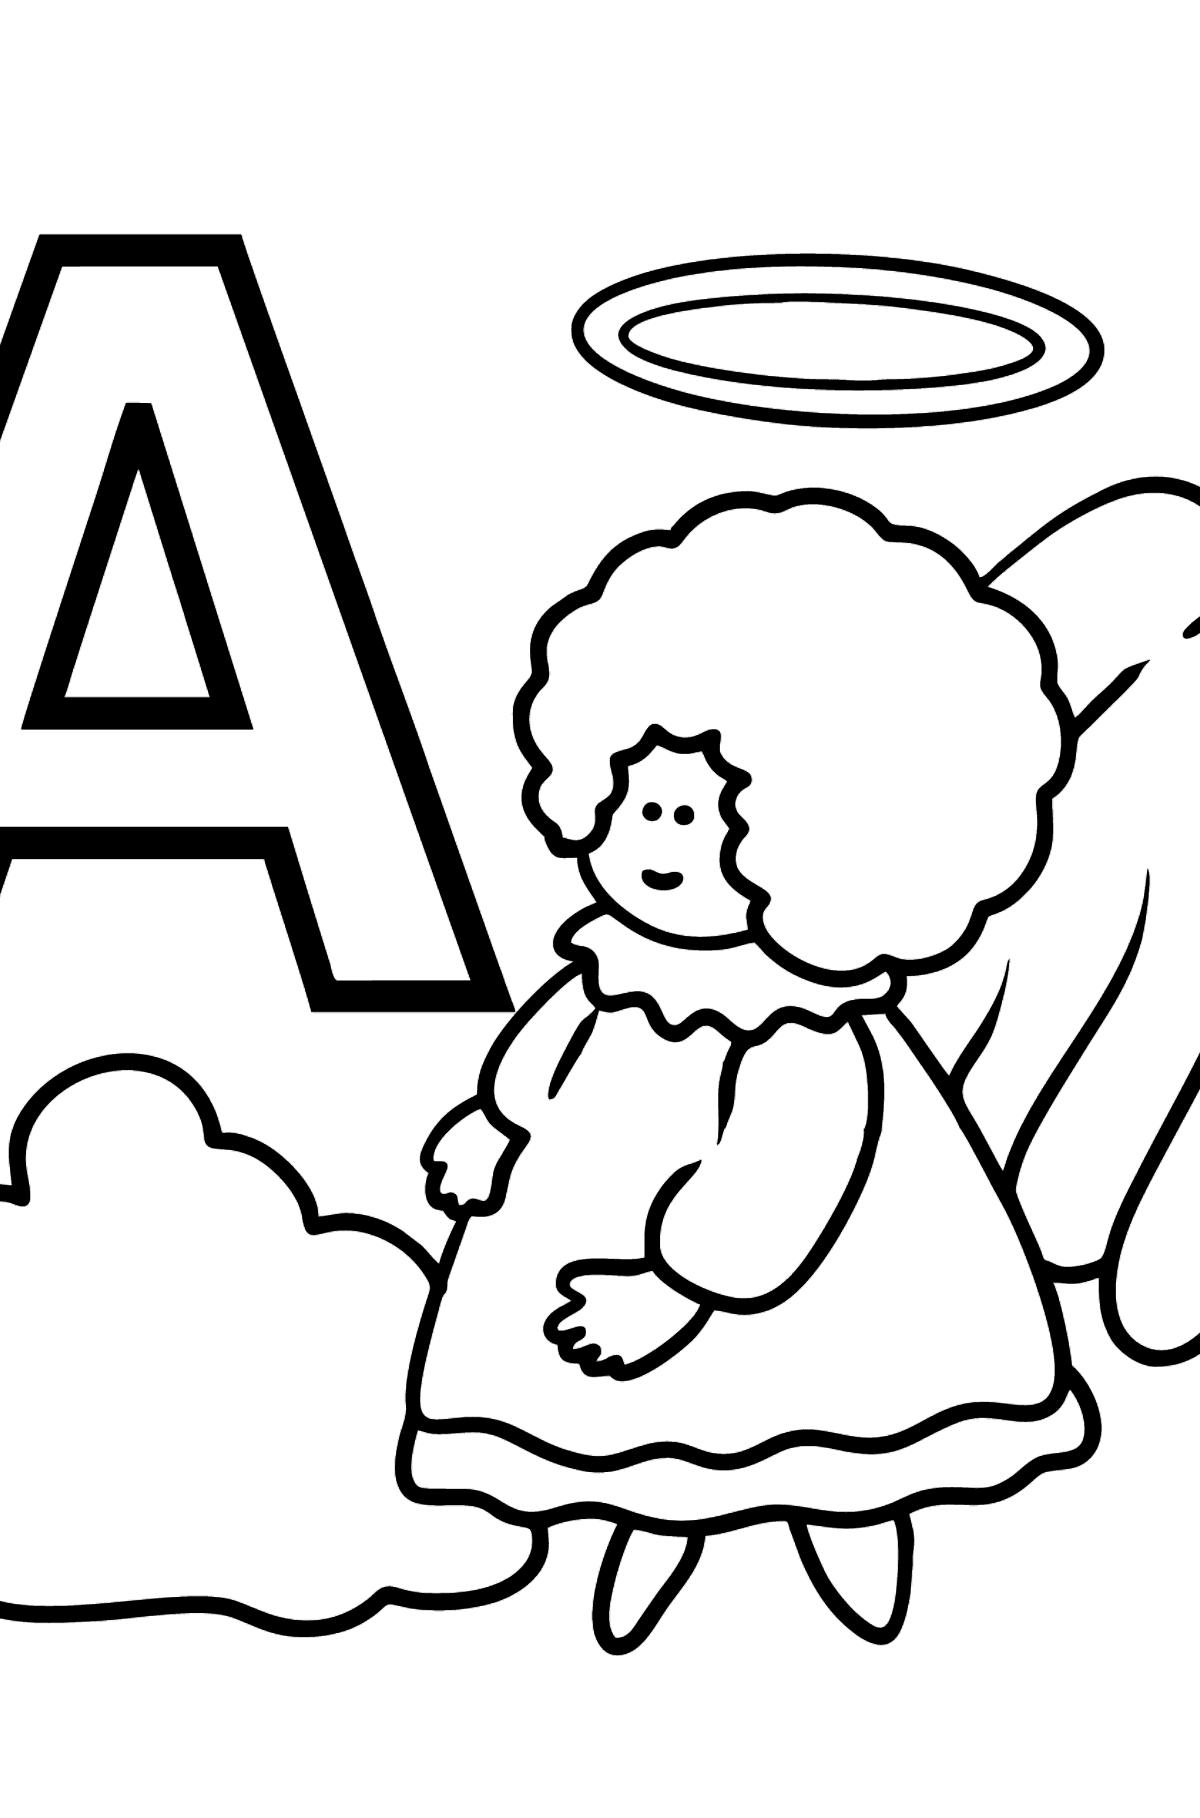 Раскраска Русская буква А - Ангел - Картинки для Детей